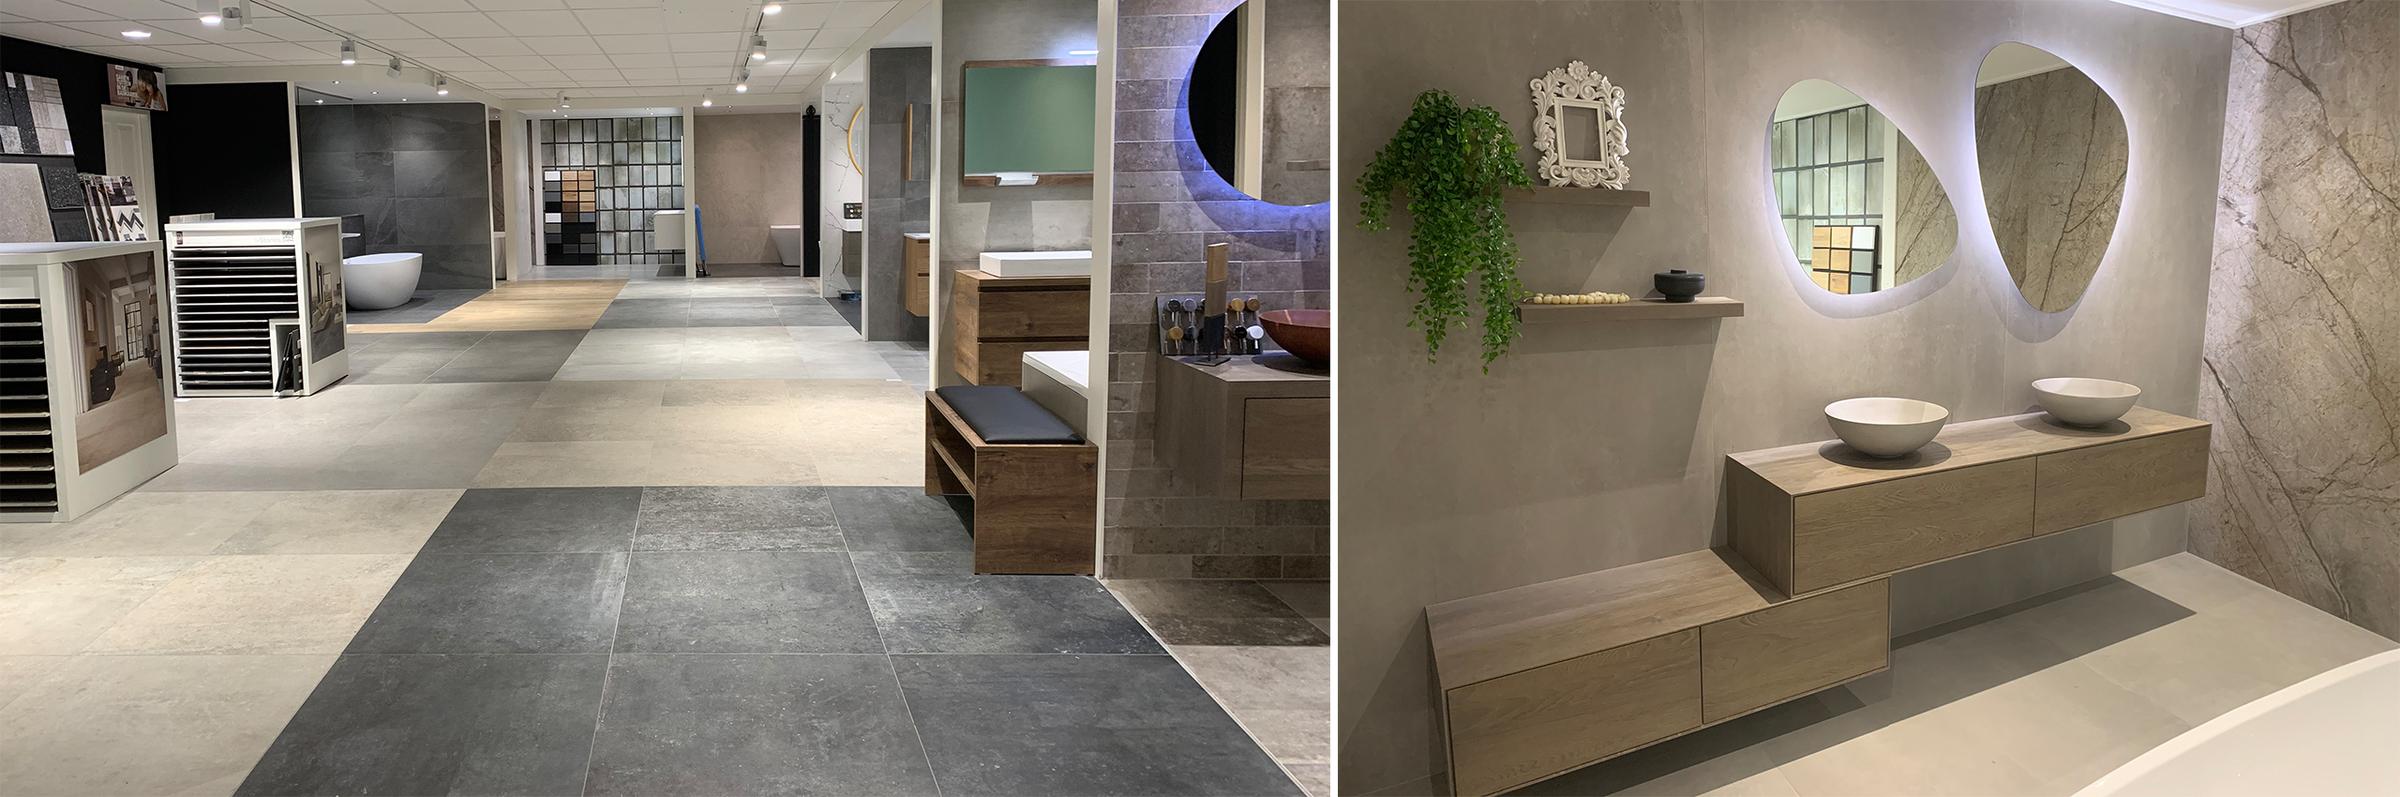 Nieuwste Badkamertrends Bekijken In Uden Verwijst Badkamers Specialist In Complete Badkamers